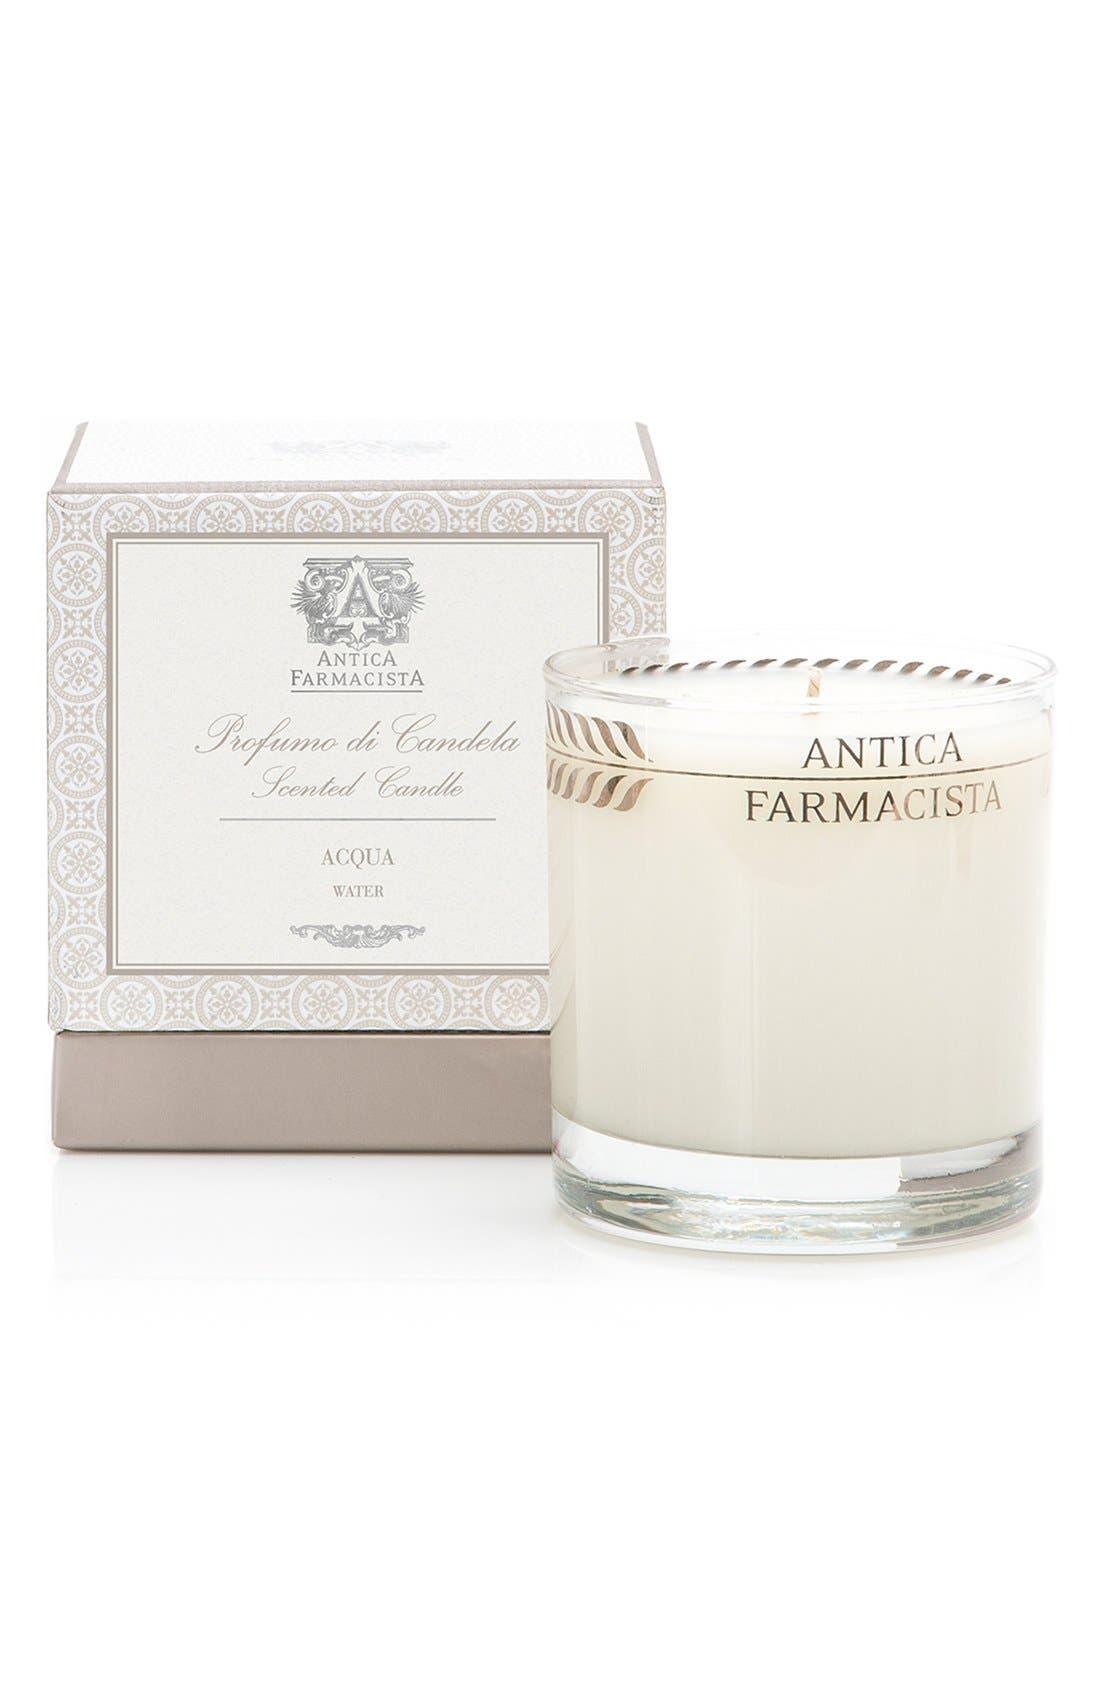 ANTICA FARMACISTA 'Aqua' Candle